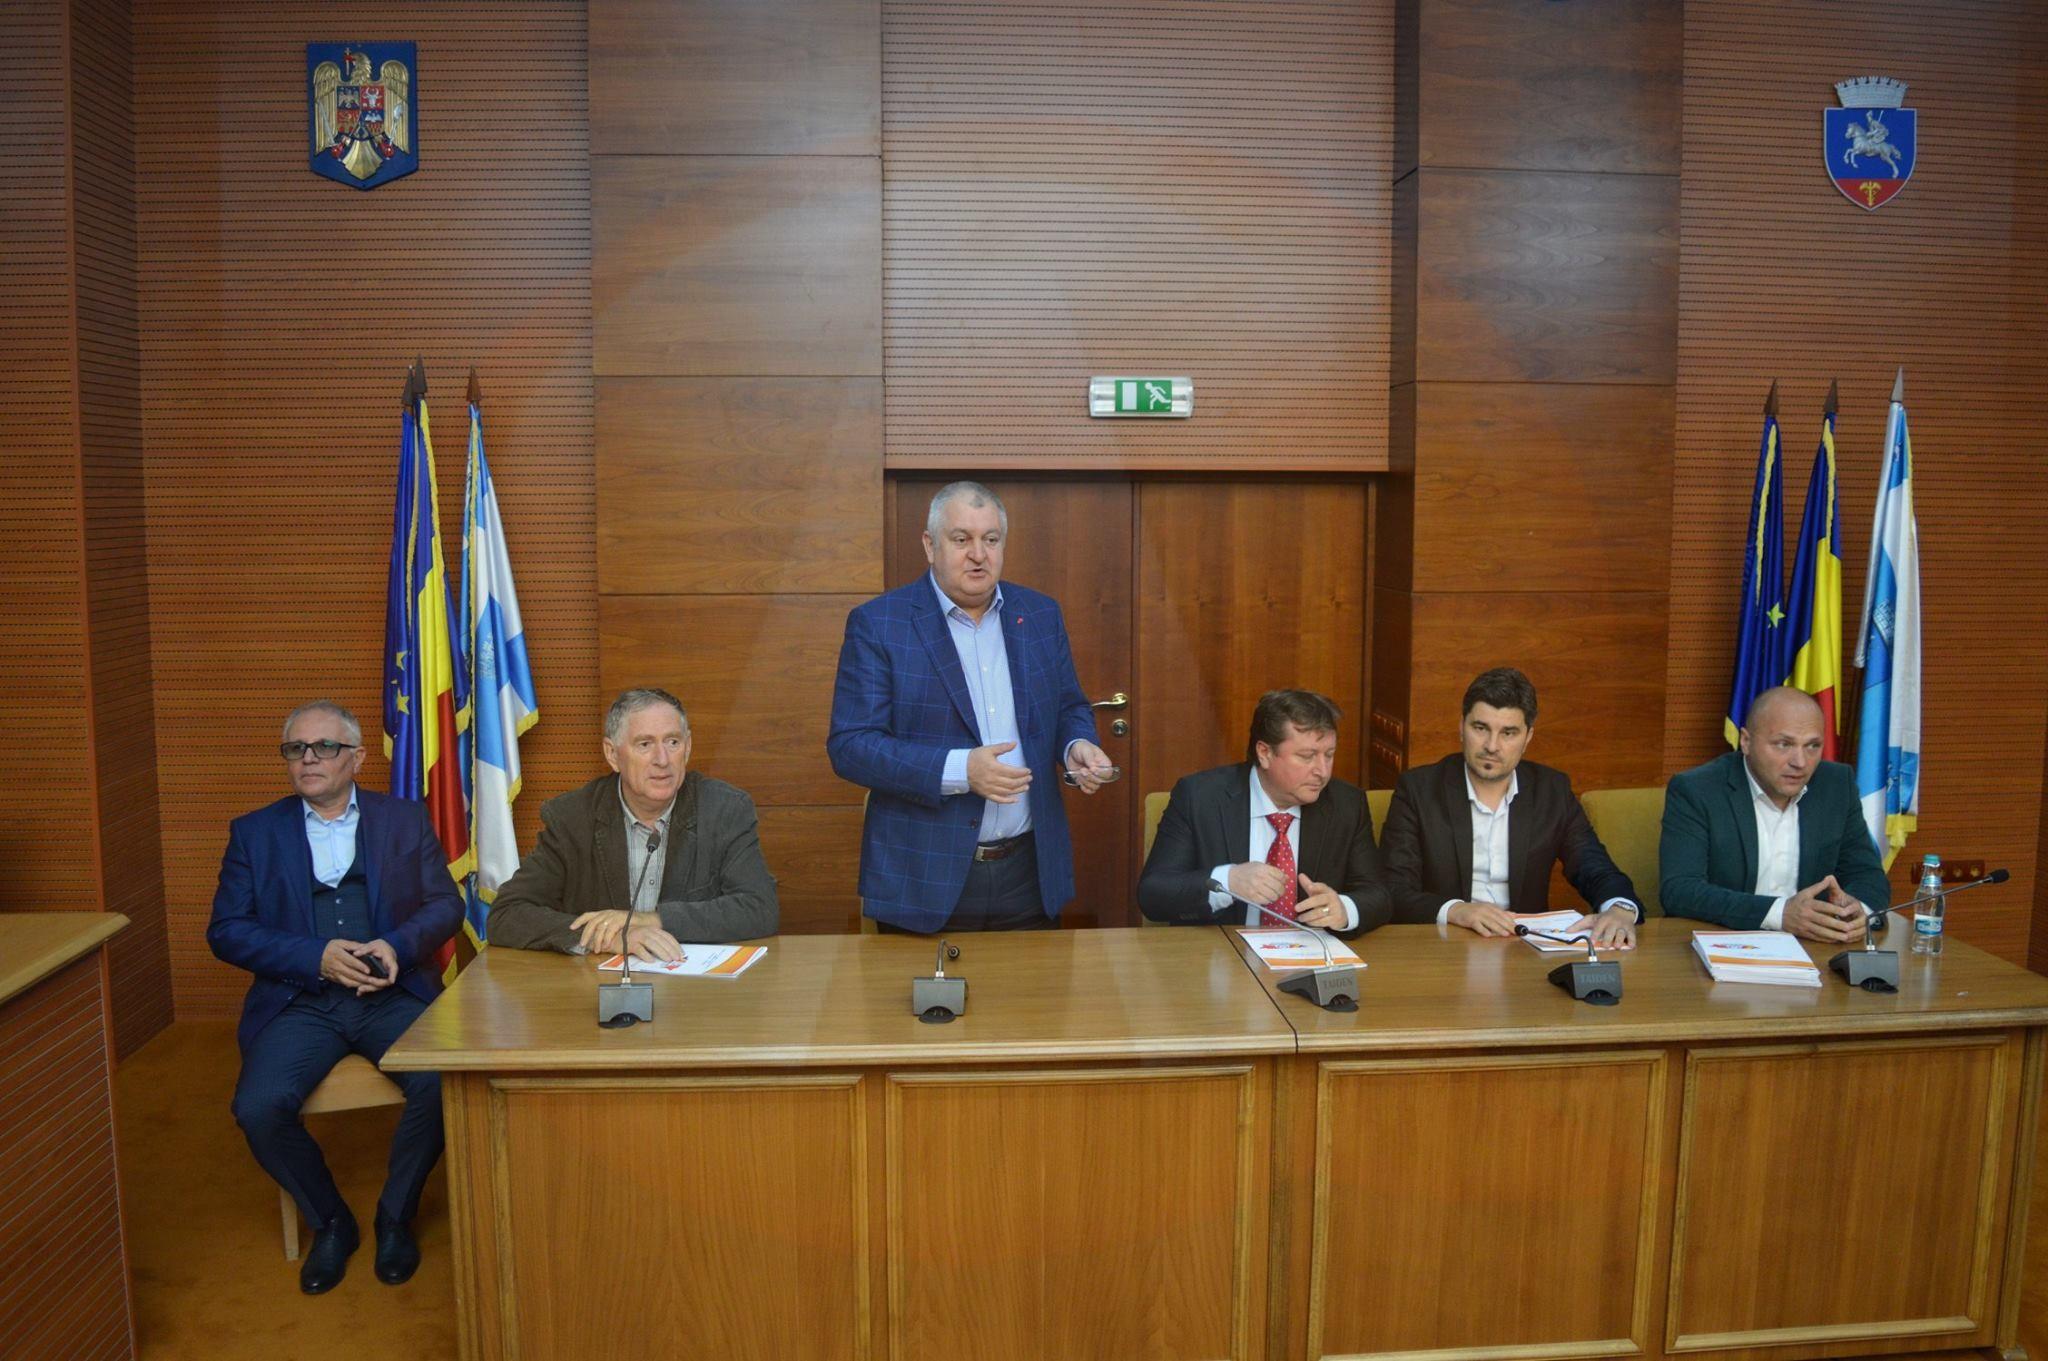 La Călărași, s-a înființat Sucursala Camerei de Comerț și Industrie România-China